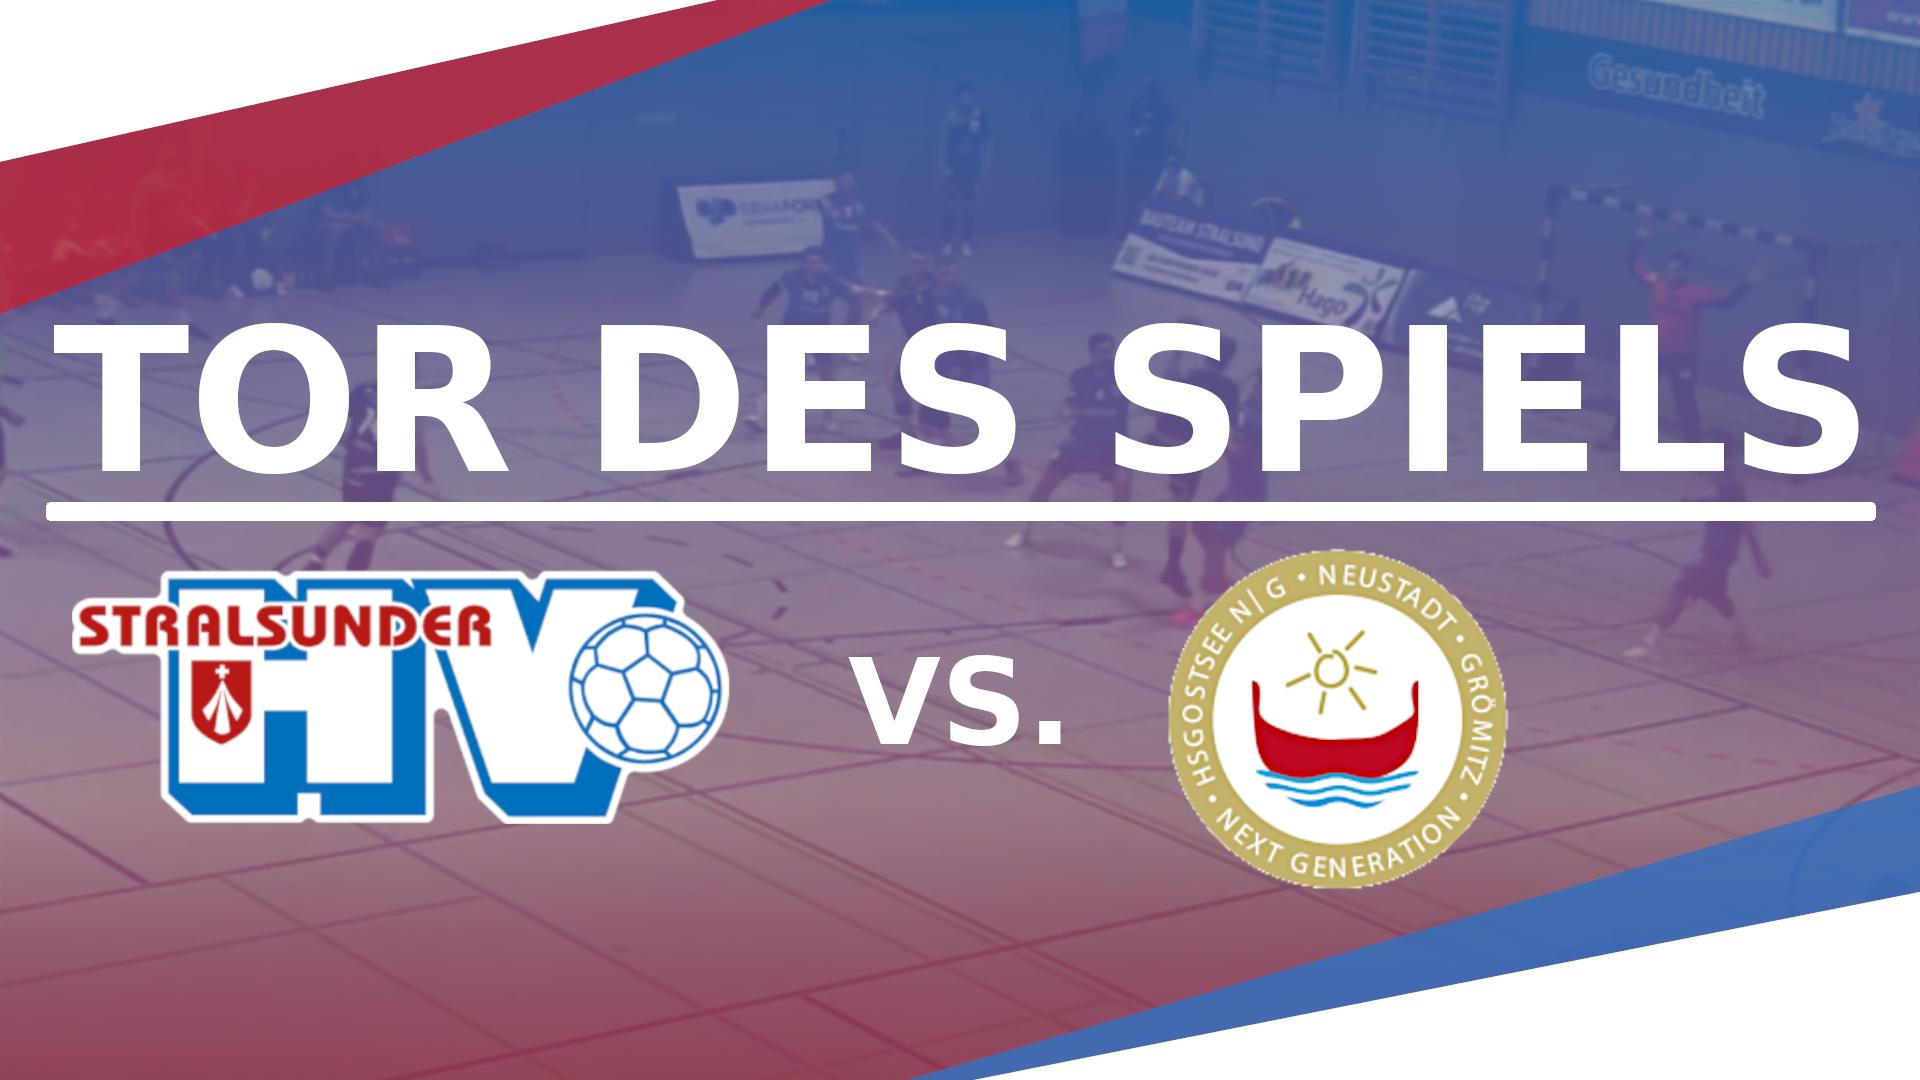 TOR DES SPIELS VS. HSG OSTSEE N/G